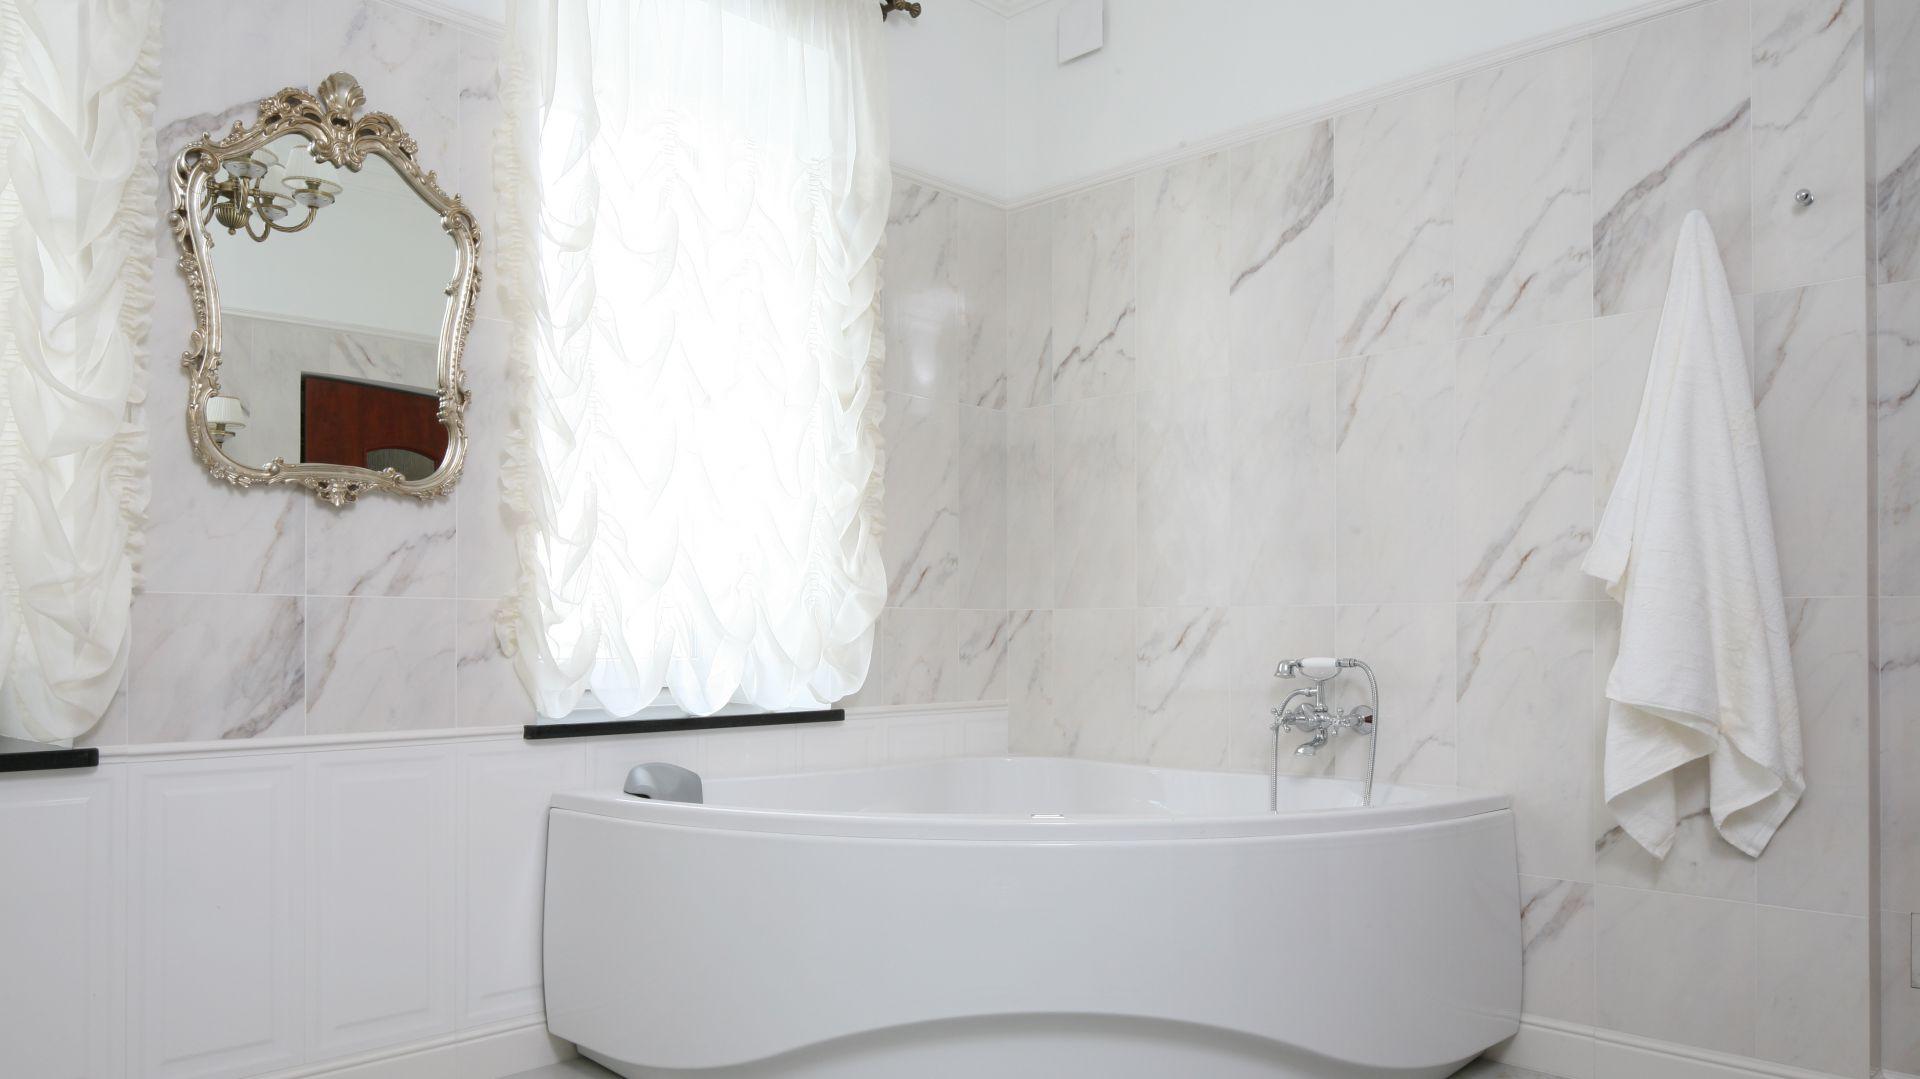 Klasyczna Stylowa łazienka Z Narożną Wanną I Prysznicem